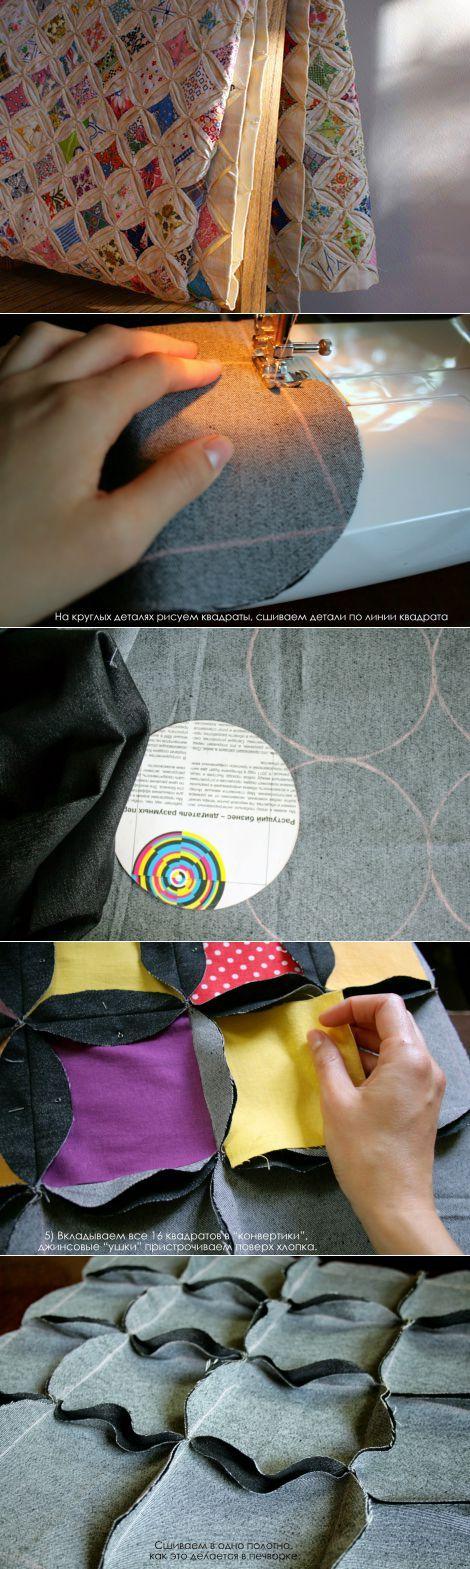 Шьем новую наволочку из старых джинсов - Ярмарка Мастеров - ручная работа, handmade